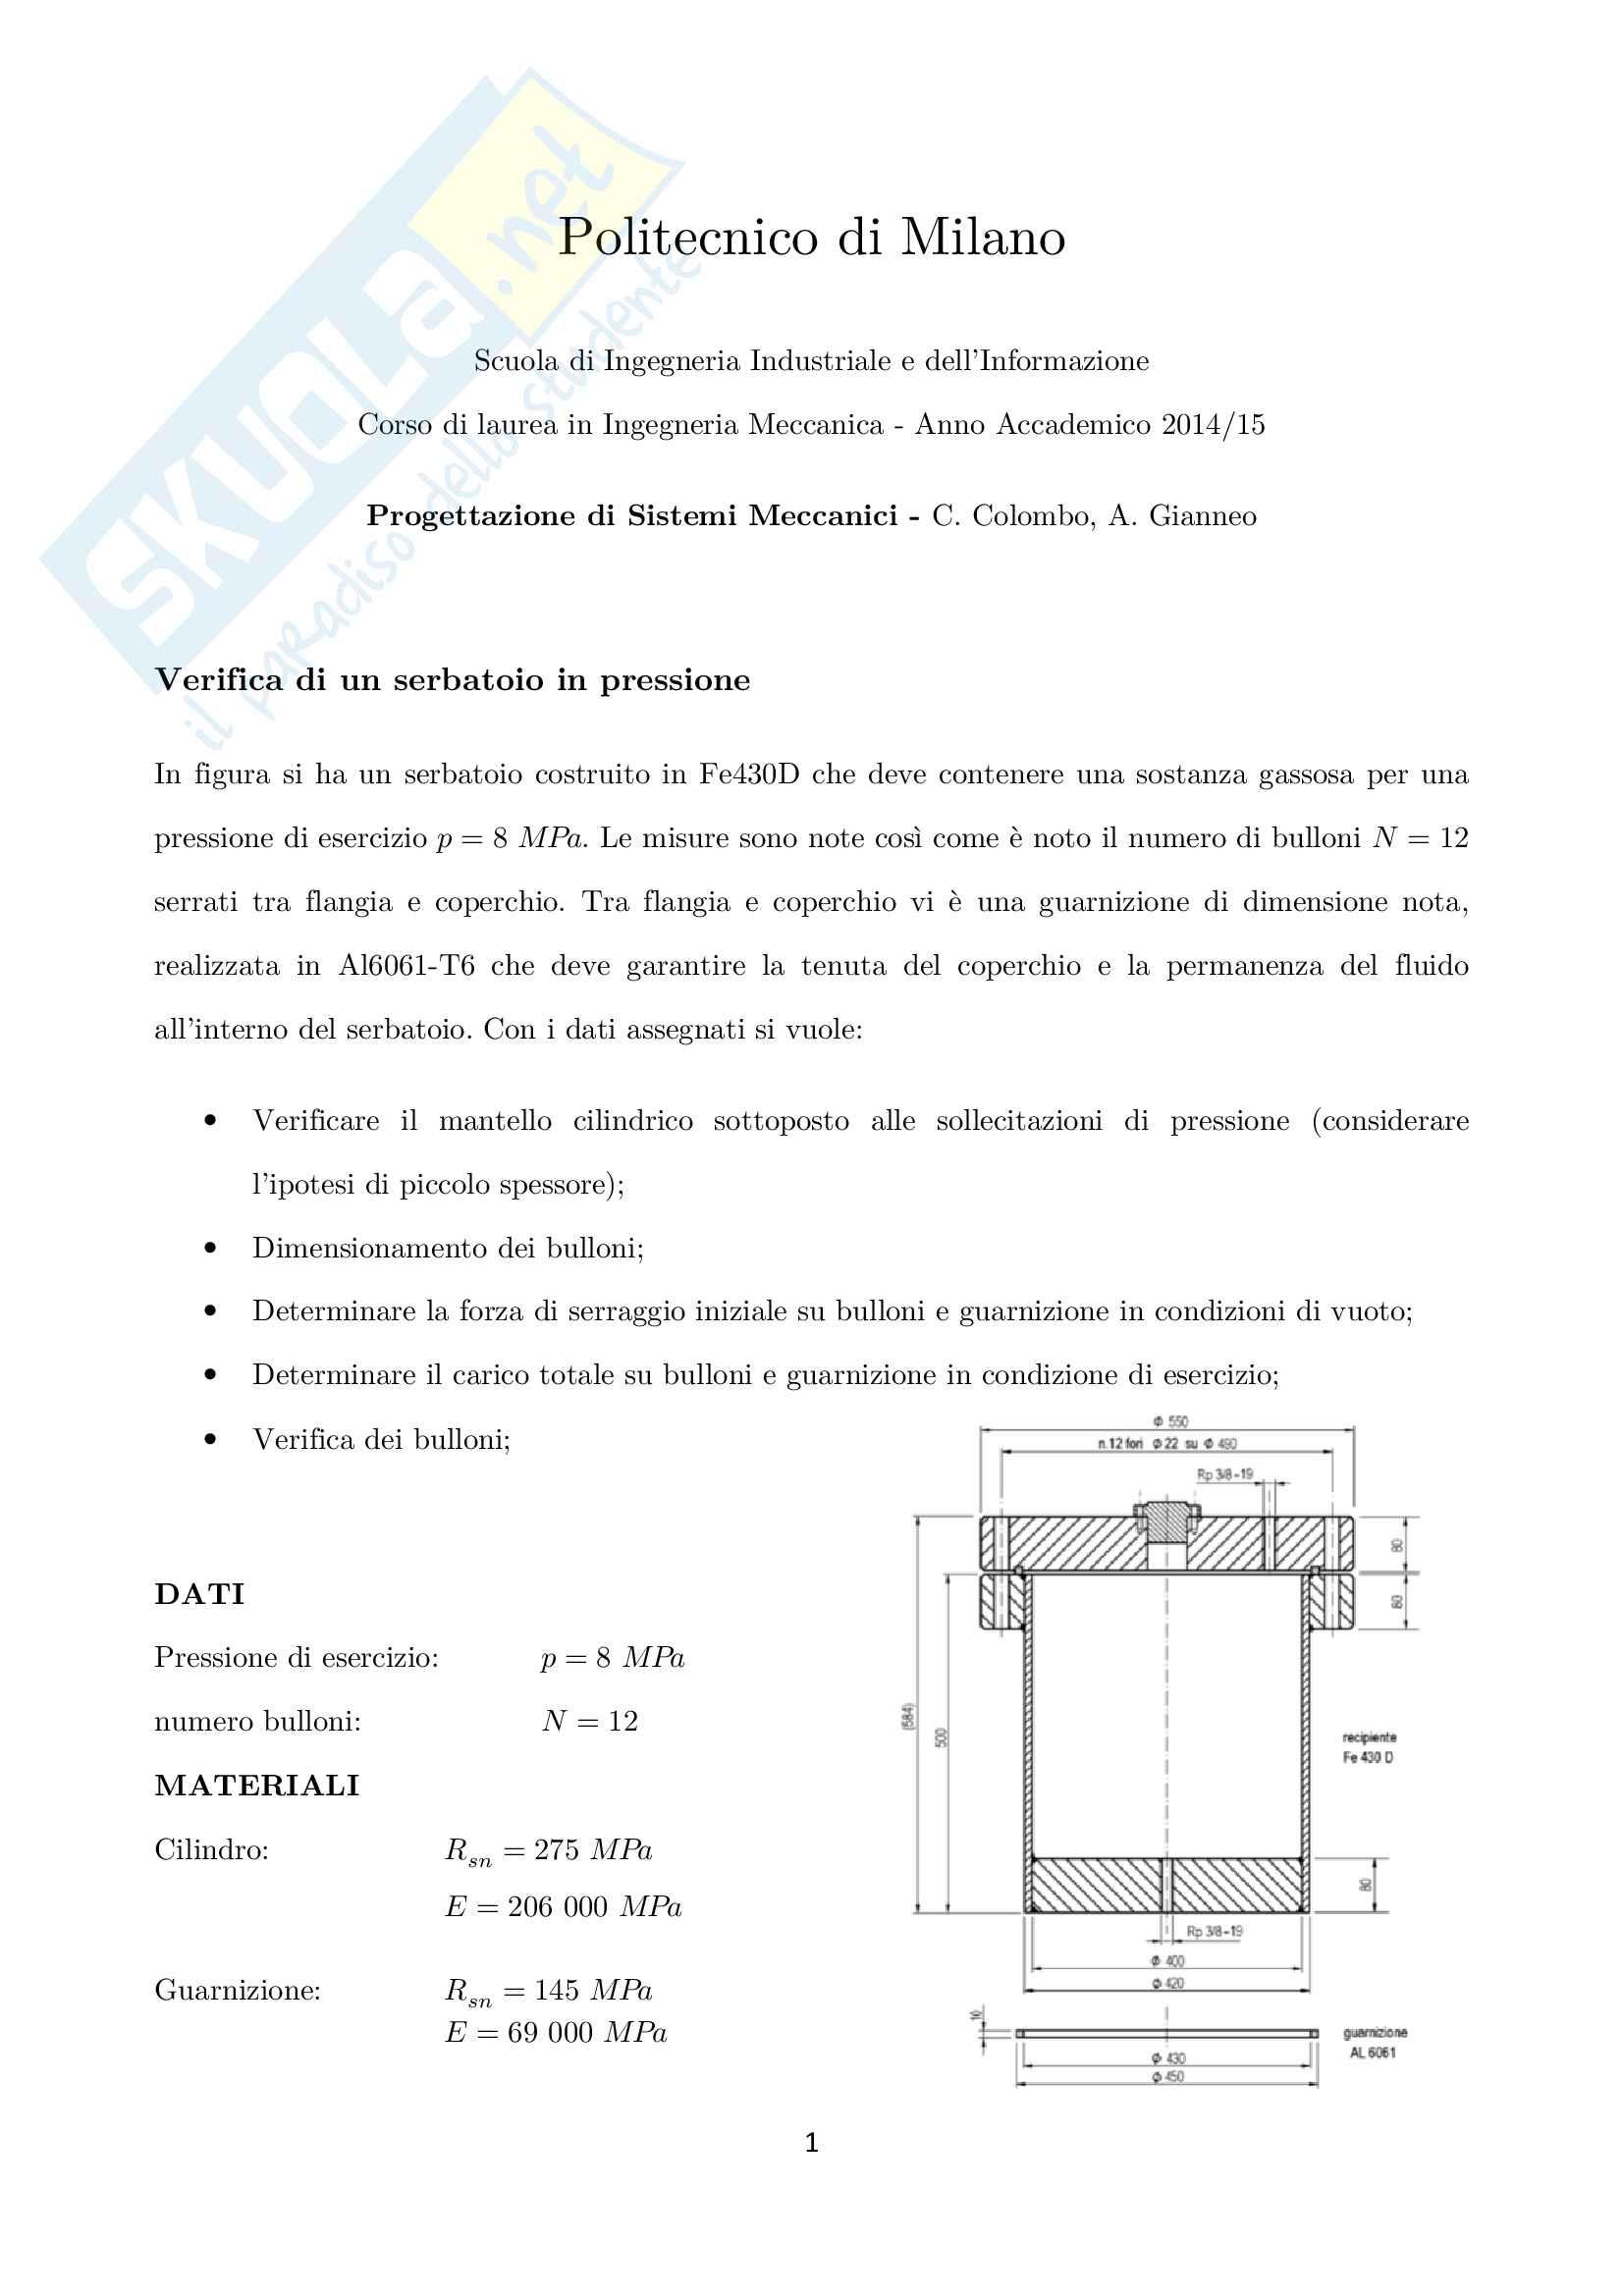 esercitazione C. Colombo Progettazione dei sistemi meccanici